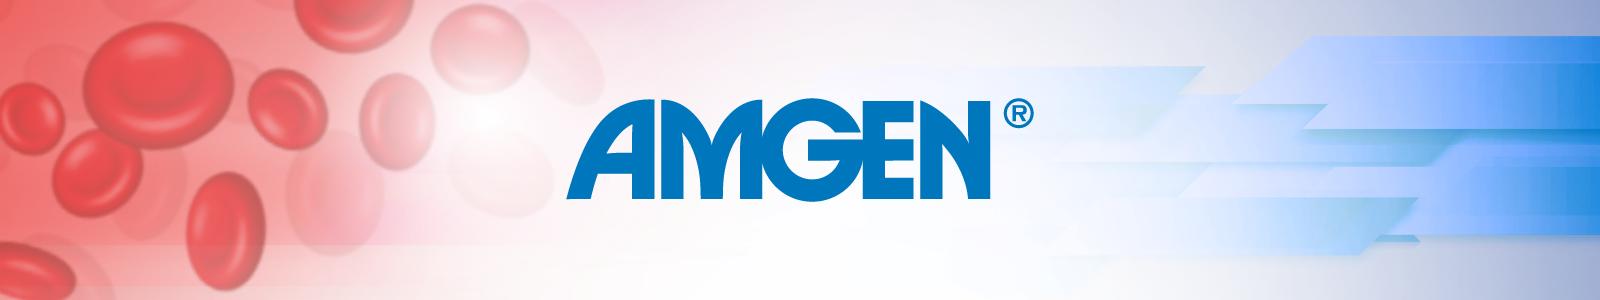 Diacordis2021-BANNER-Amgen